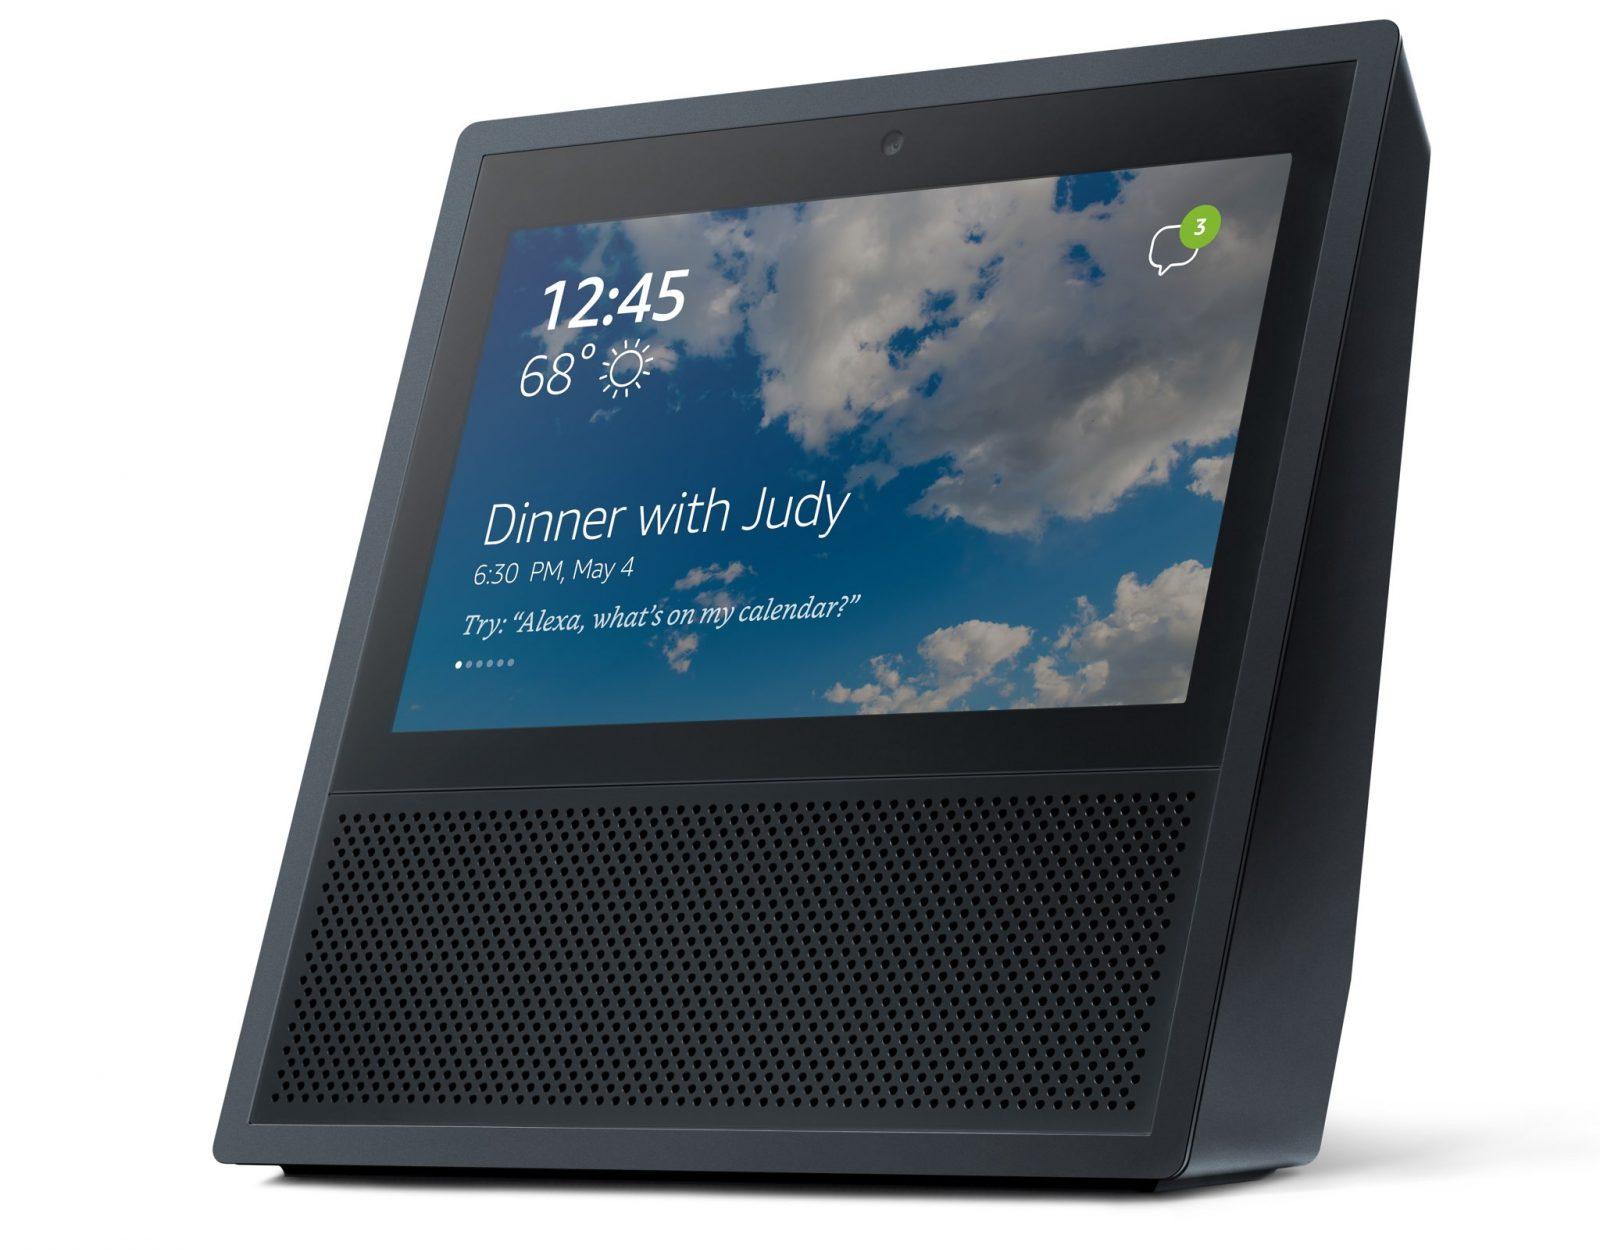 智慧音響再進化,搭載觸控螢幕的 Amazon Echo Show 正式登場